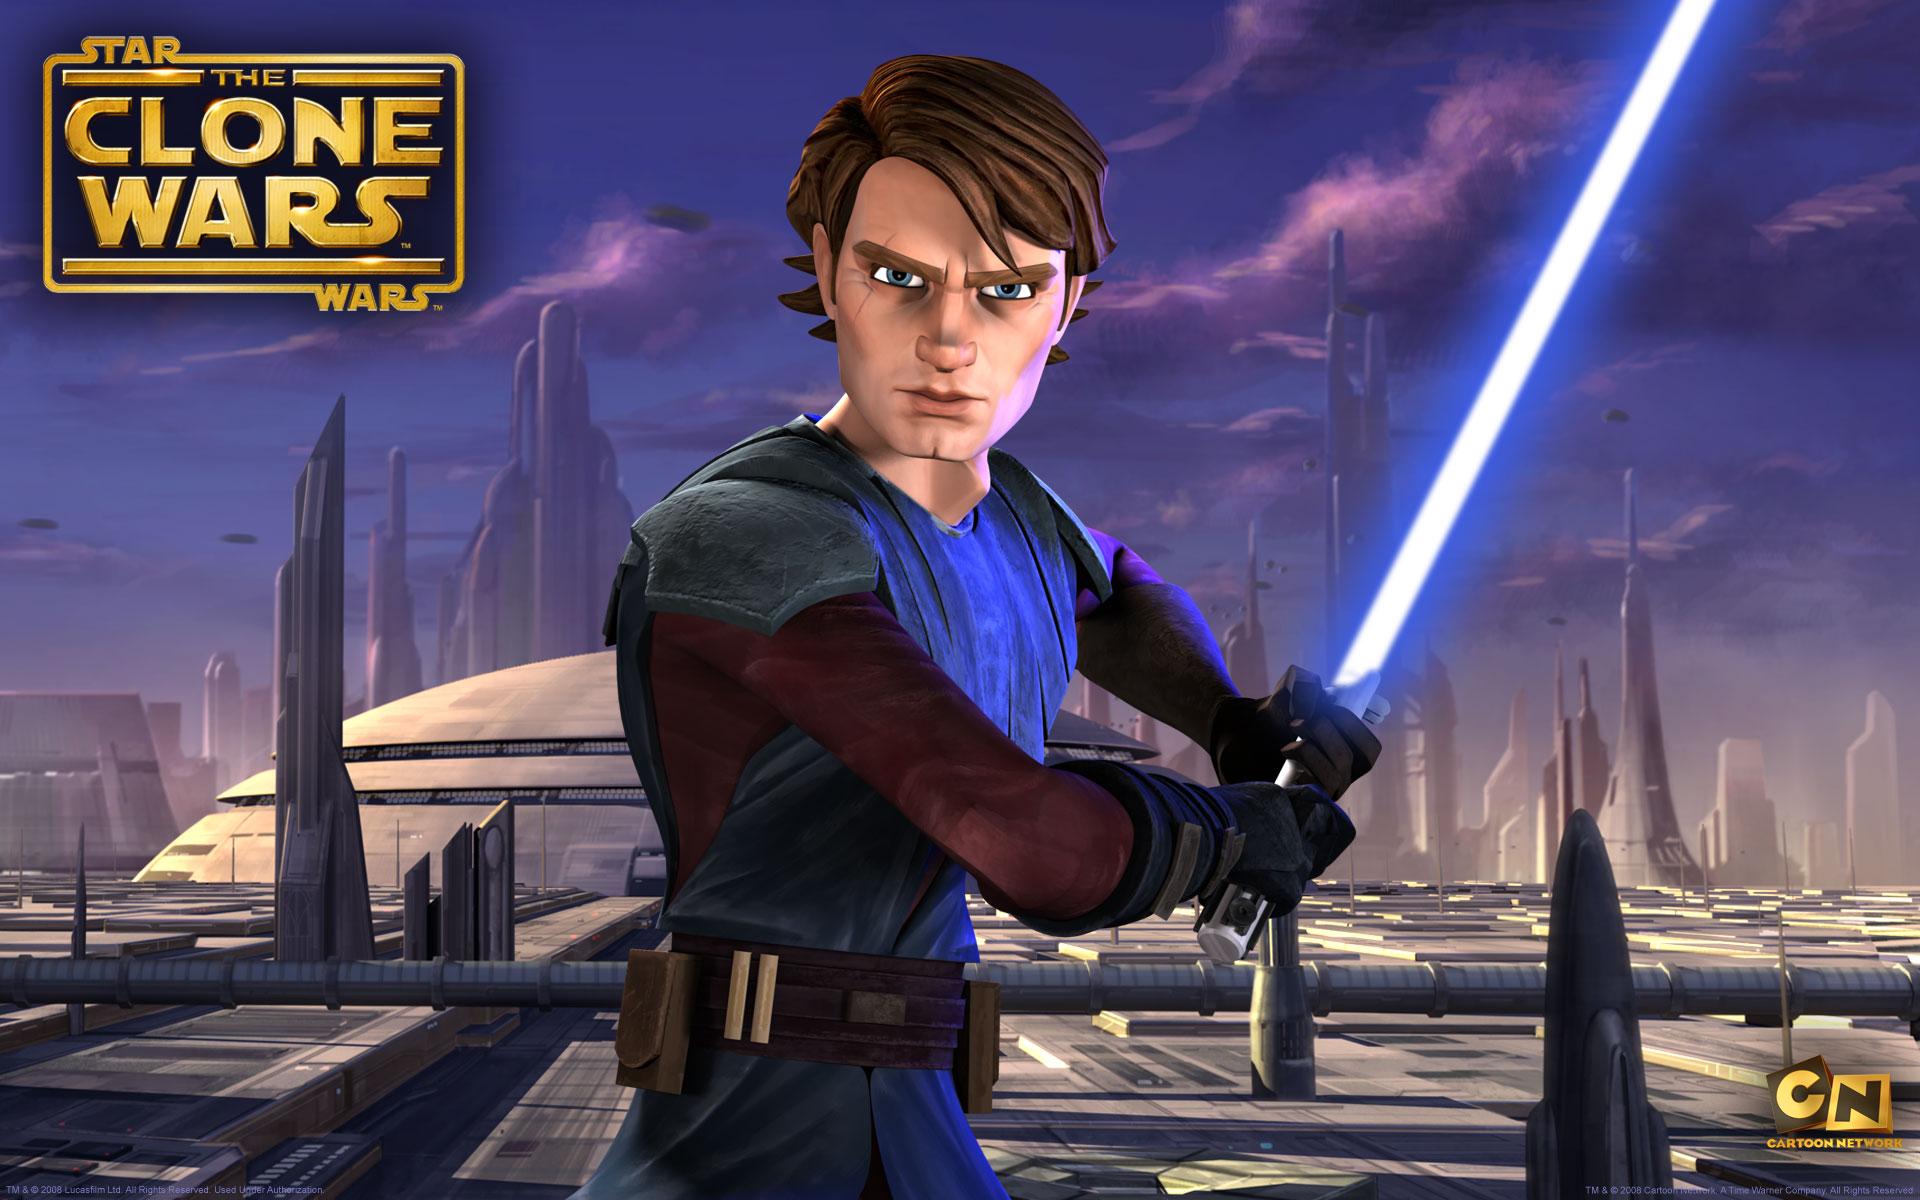 Star Wars The Clone Wars wallpaper   170666 1920x1200